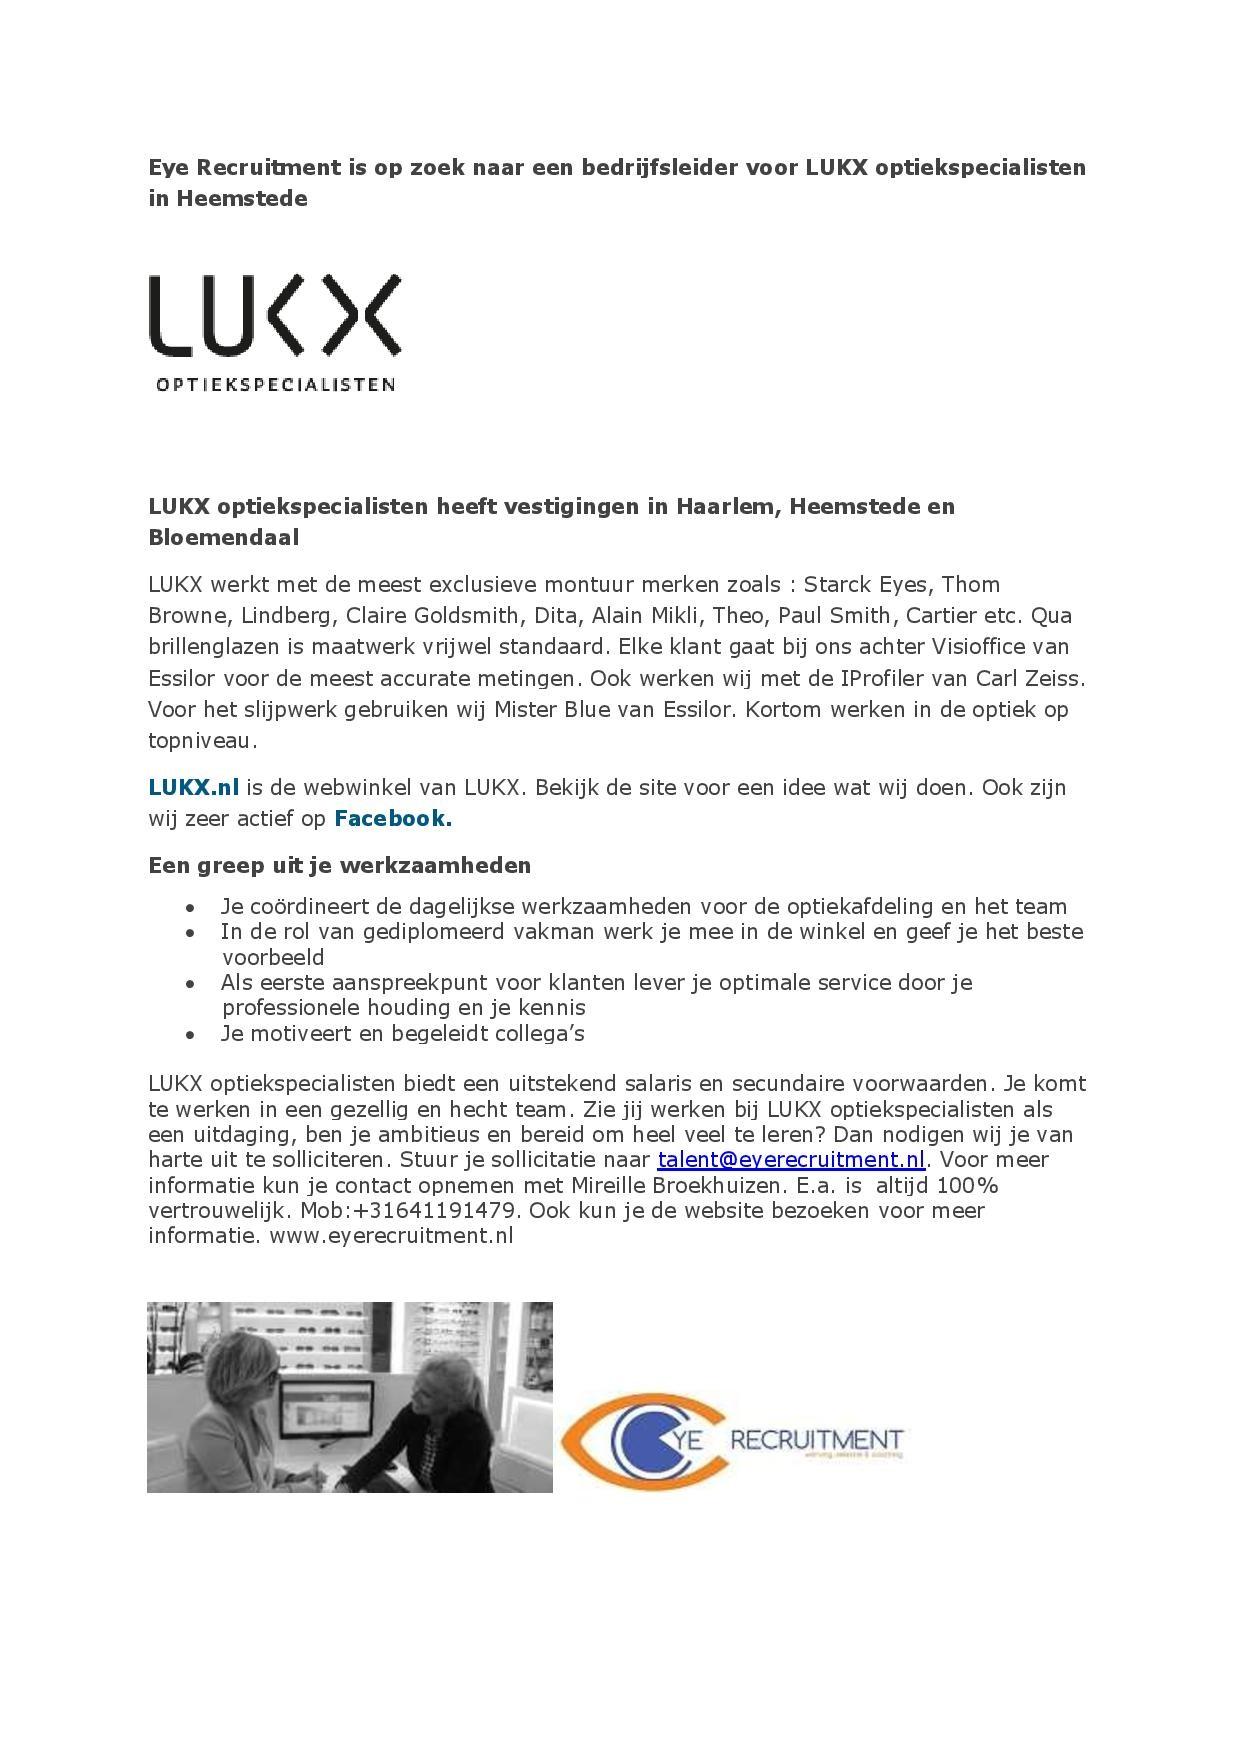 vacature bedrijfsleider LUKX